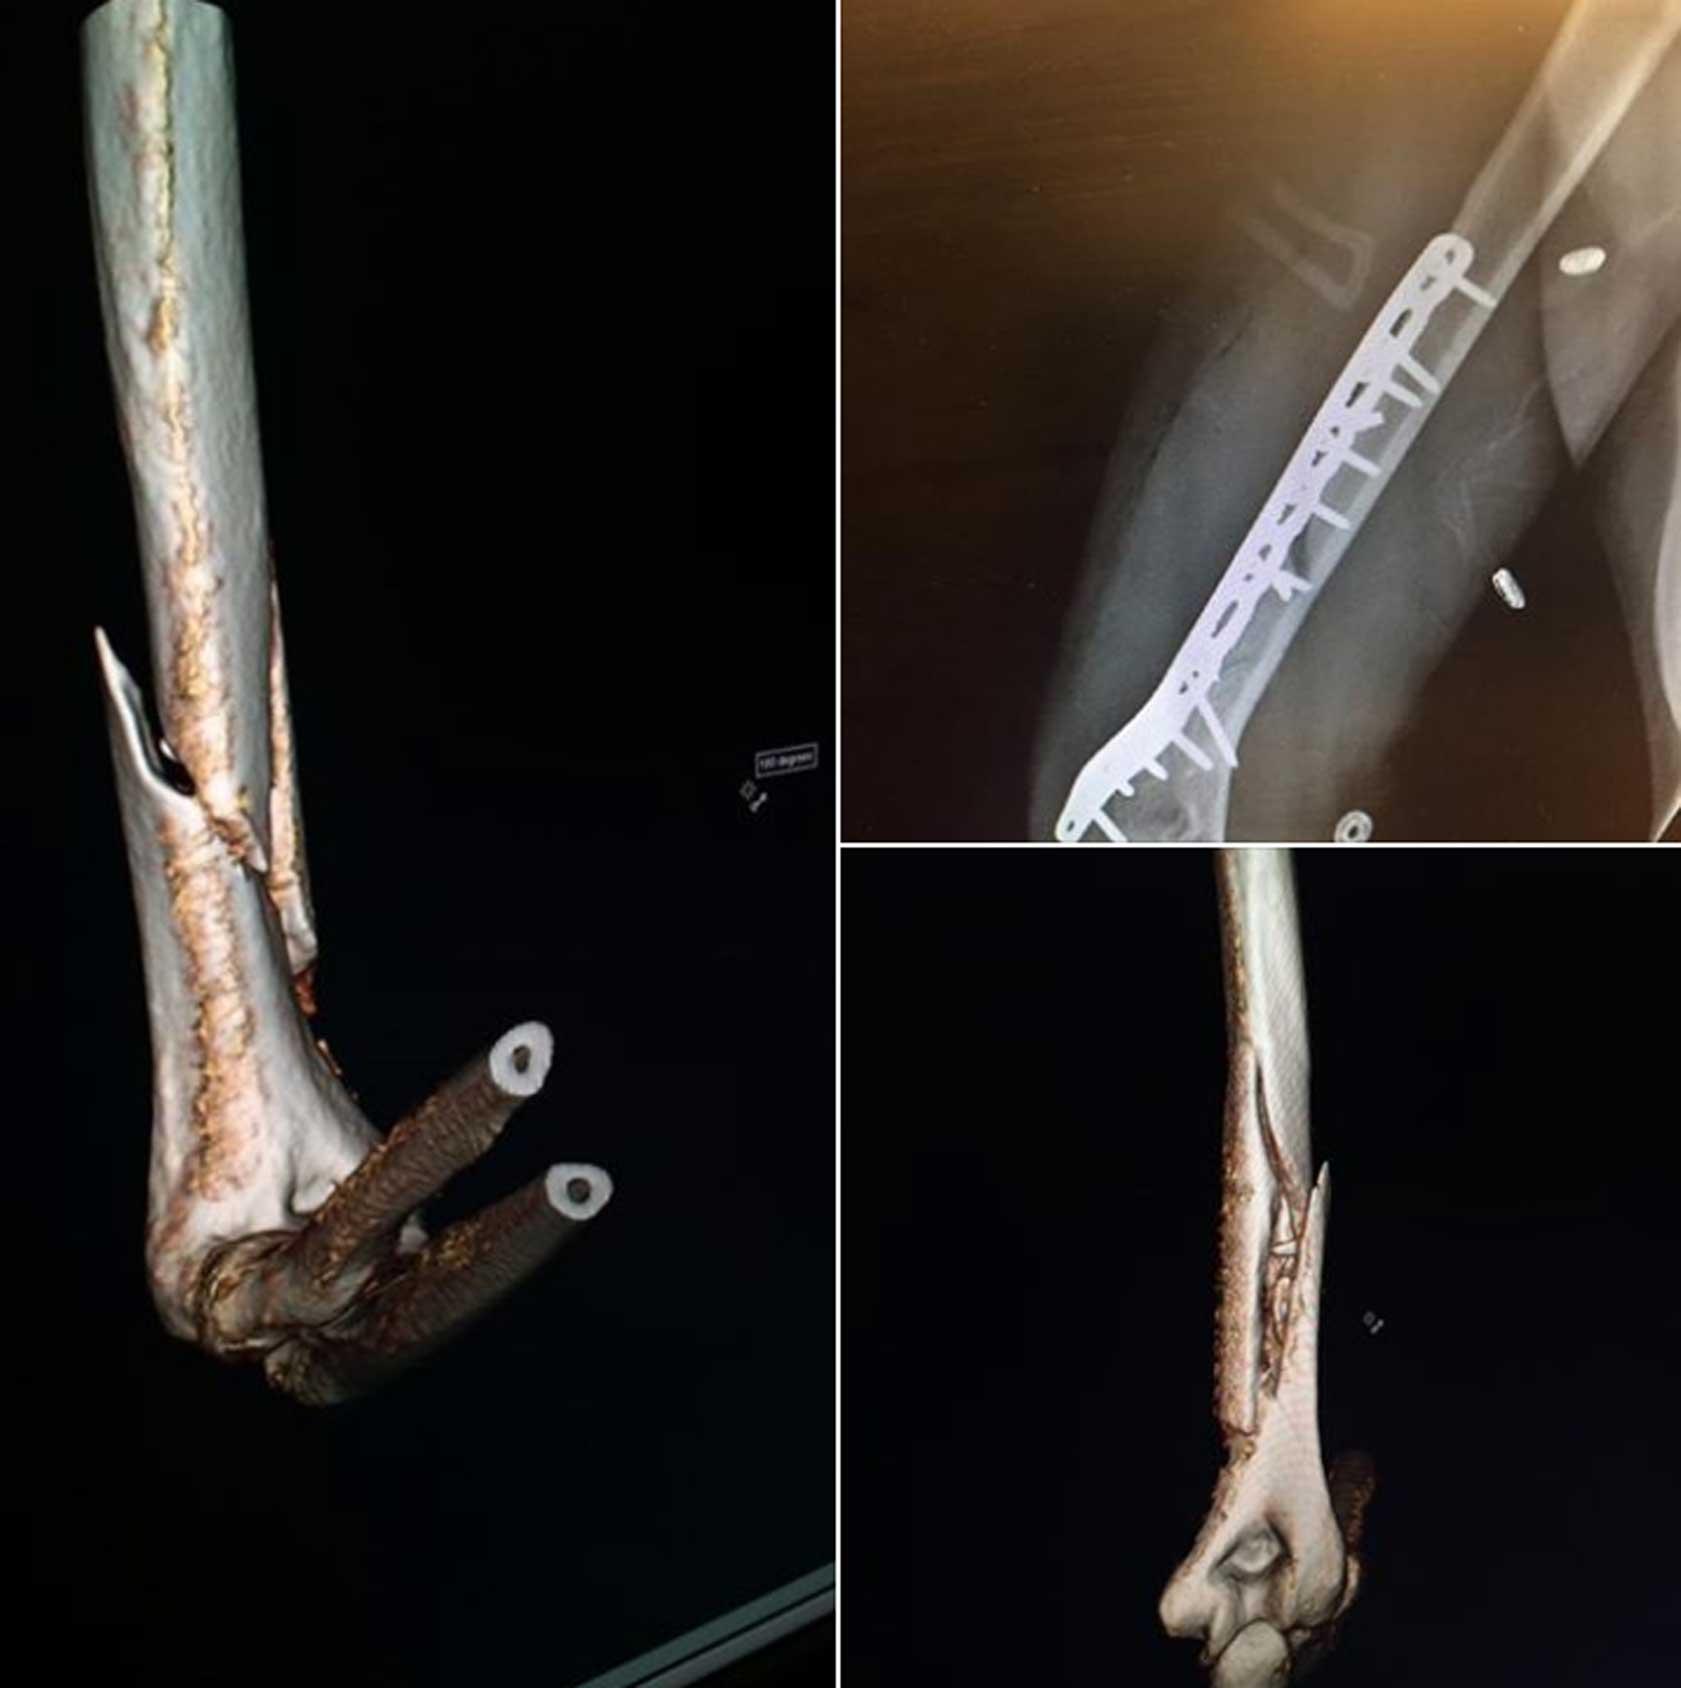 Vonn shows off gruesome injury